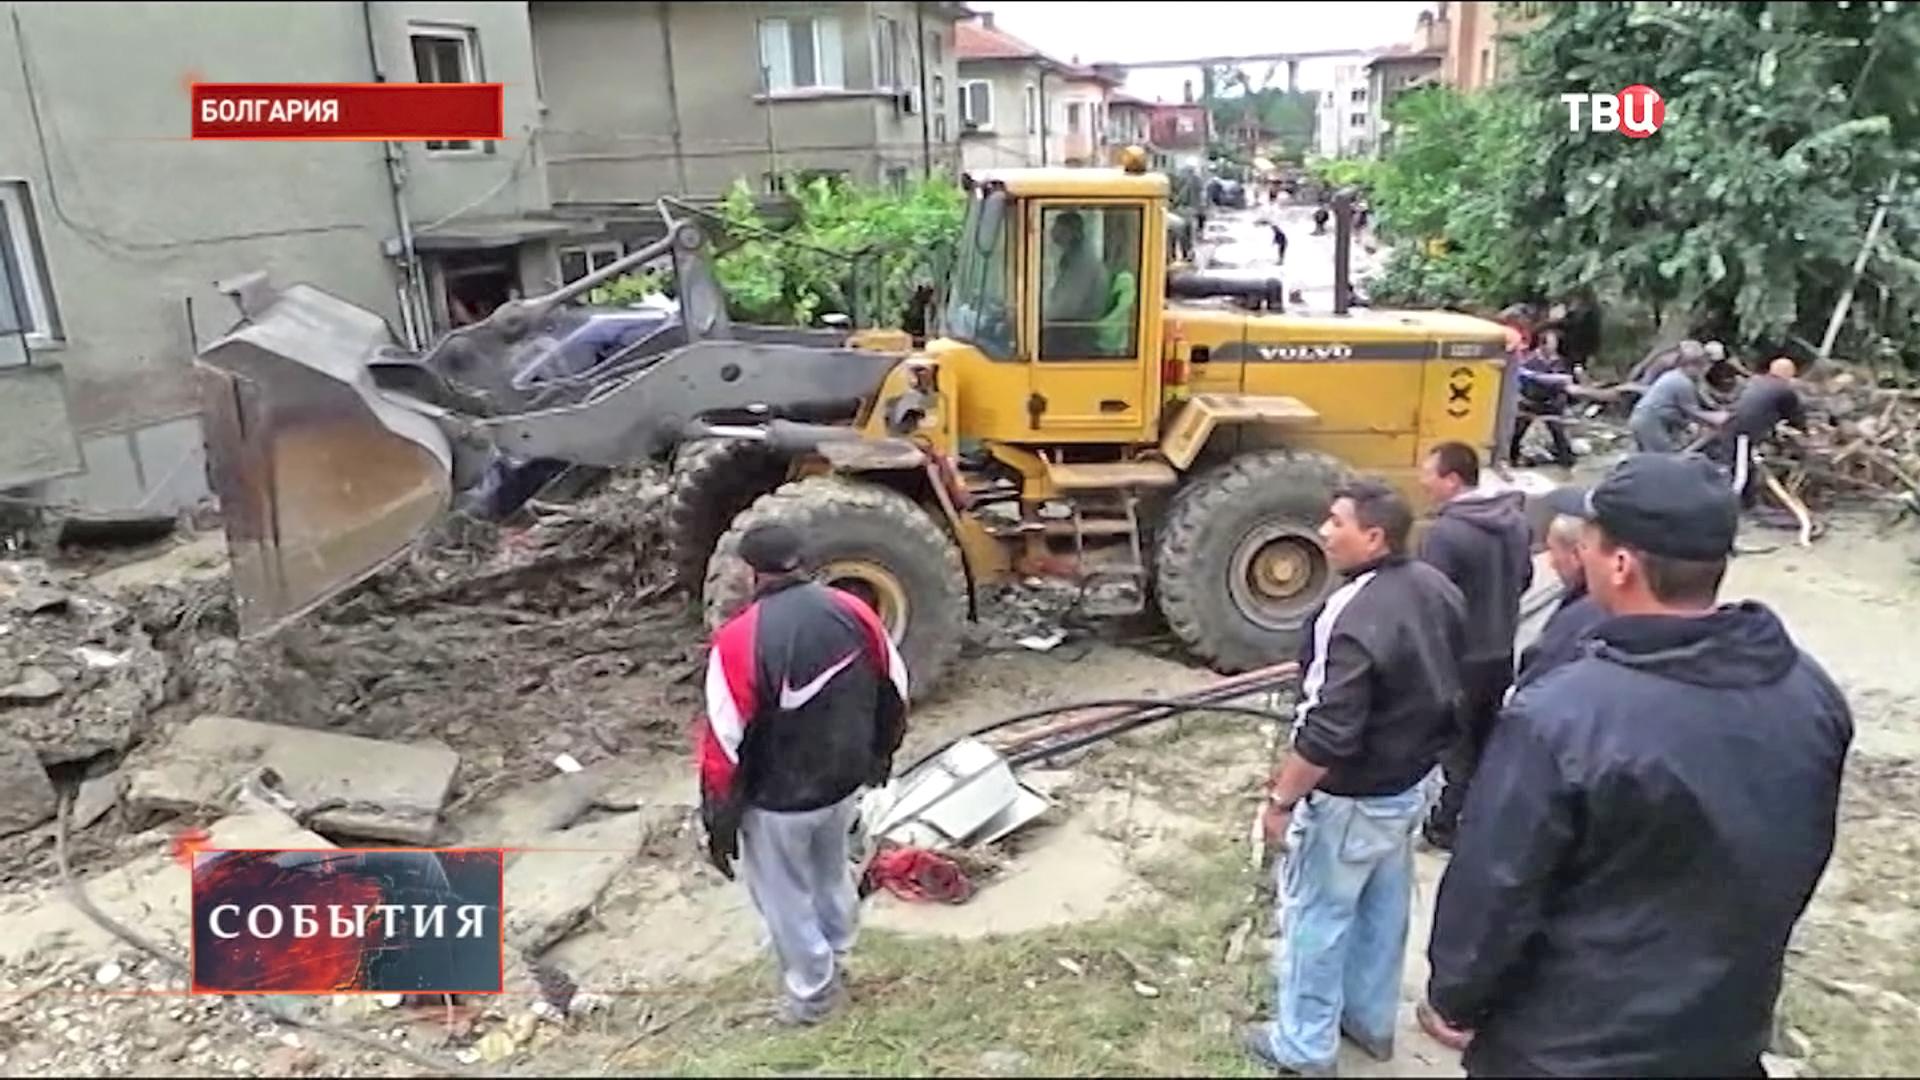 Наводнение в Болгарии